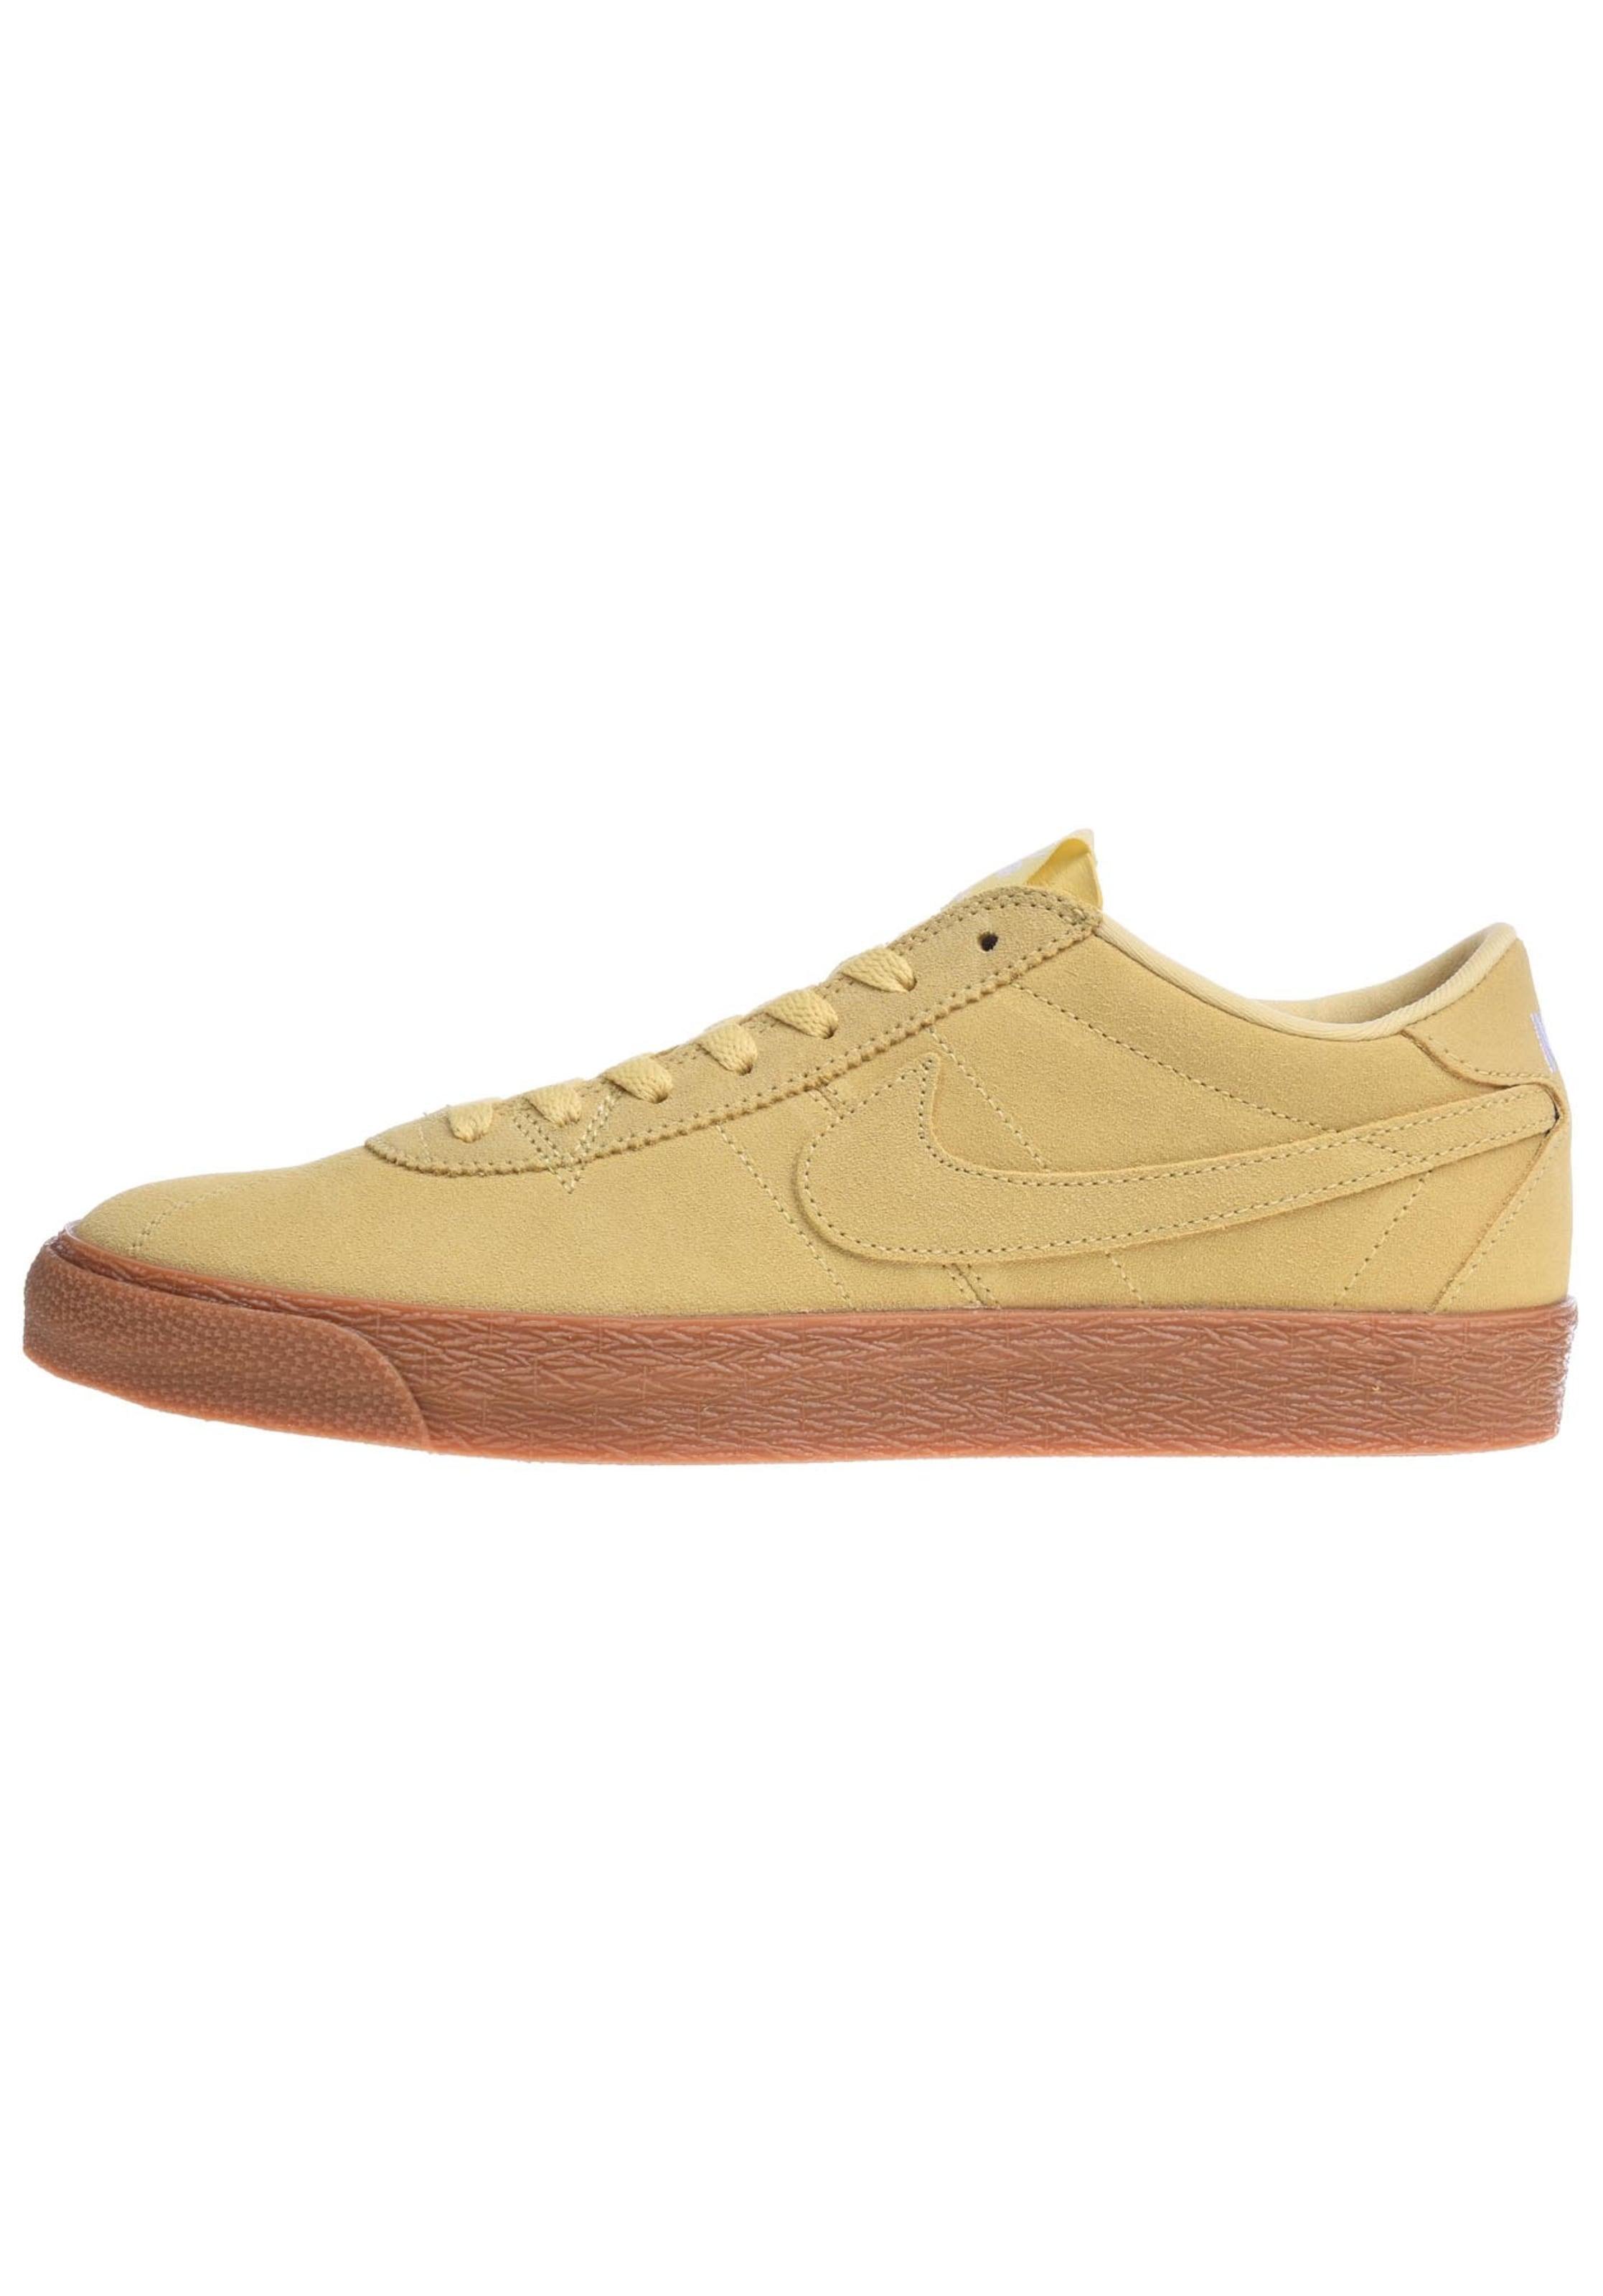 Nike Zoom SB    Bruin Zoom Nike Premium SE  Sneaker 158010